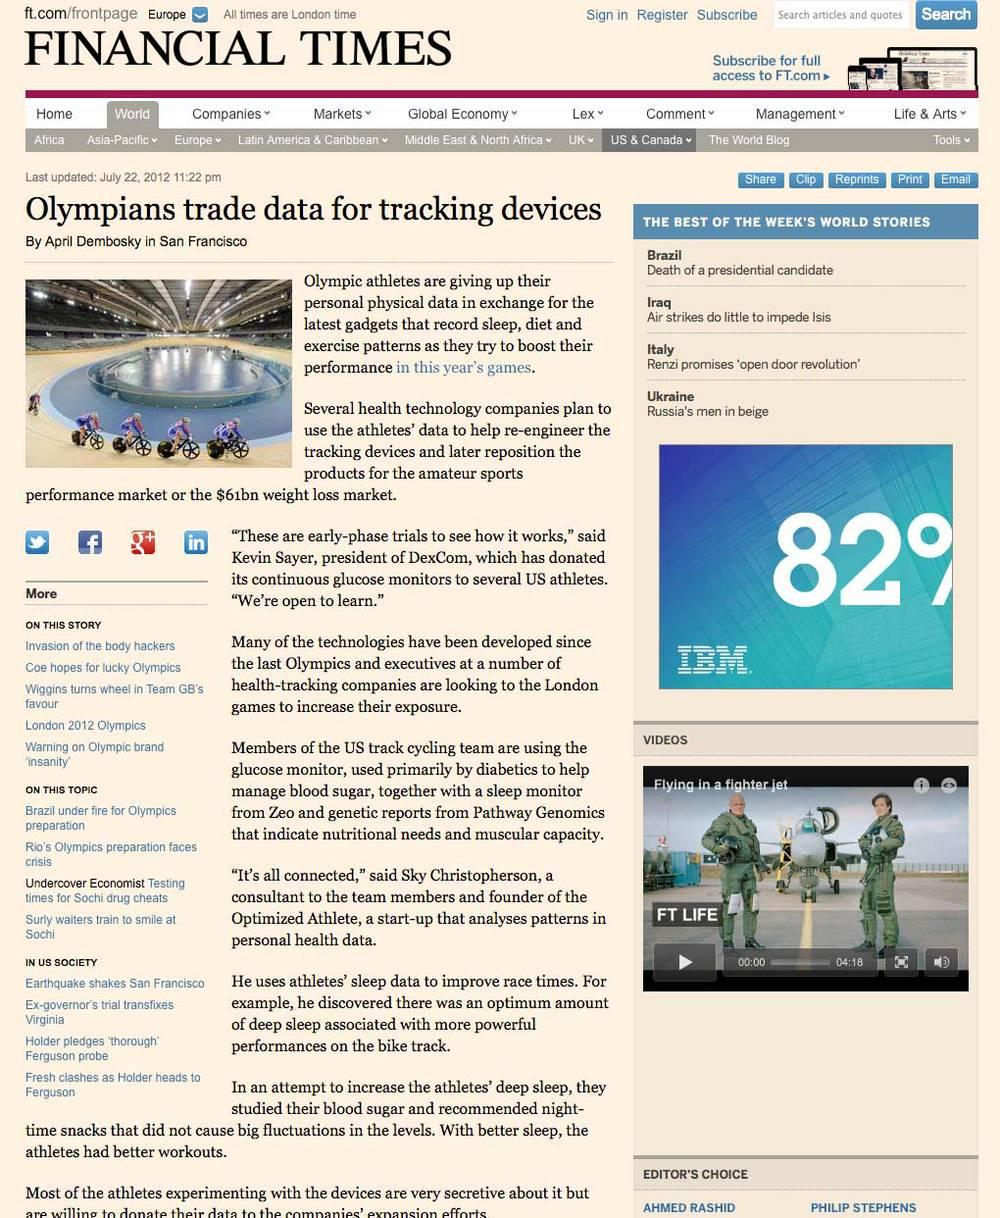 OAthlete_Financial_Times_Sky_Christopherson.jpg